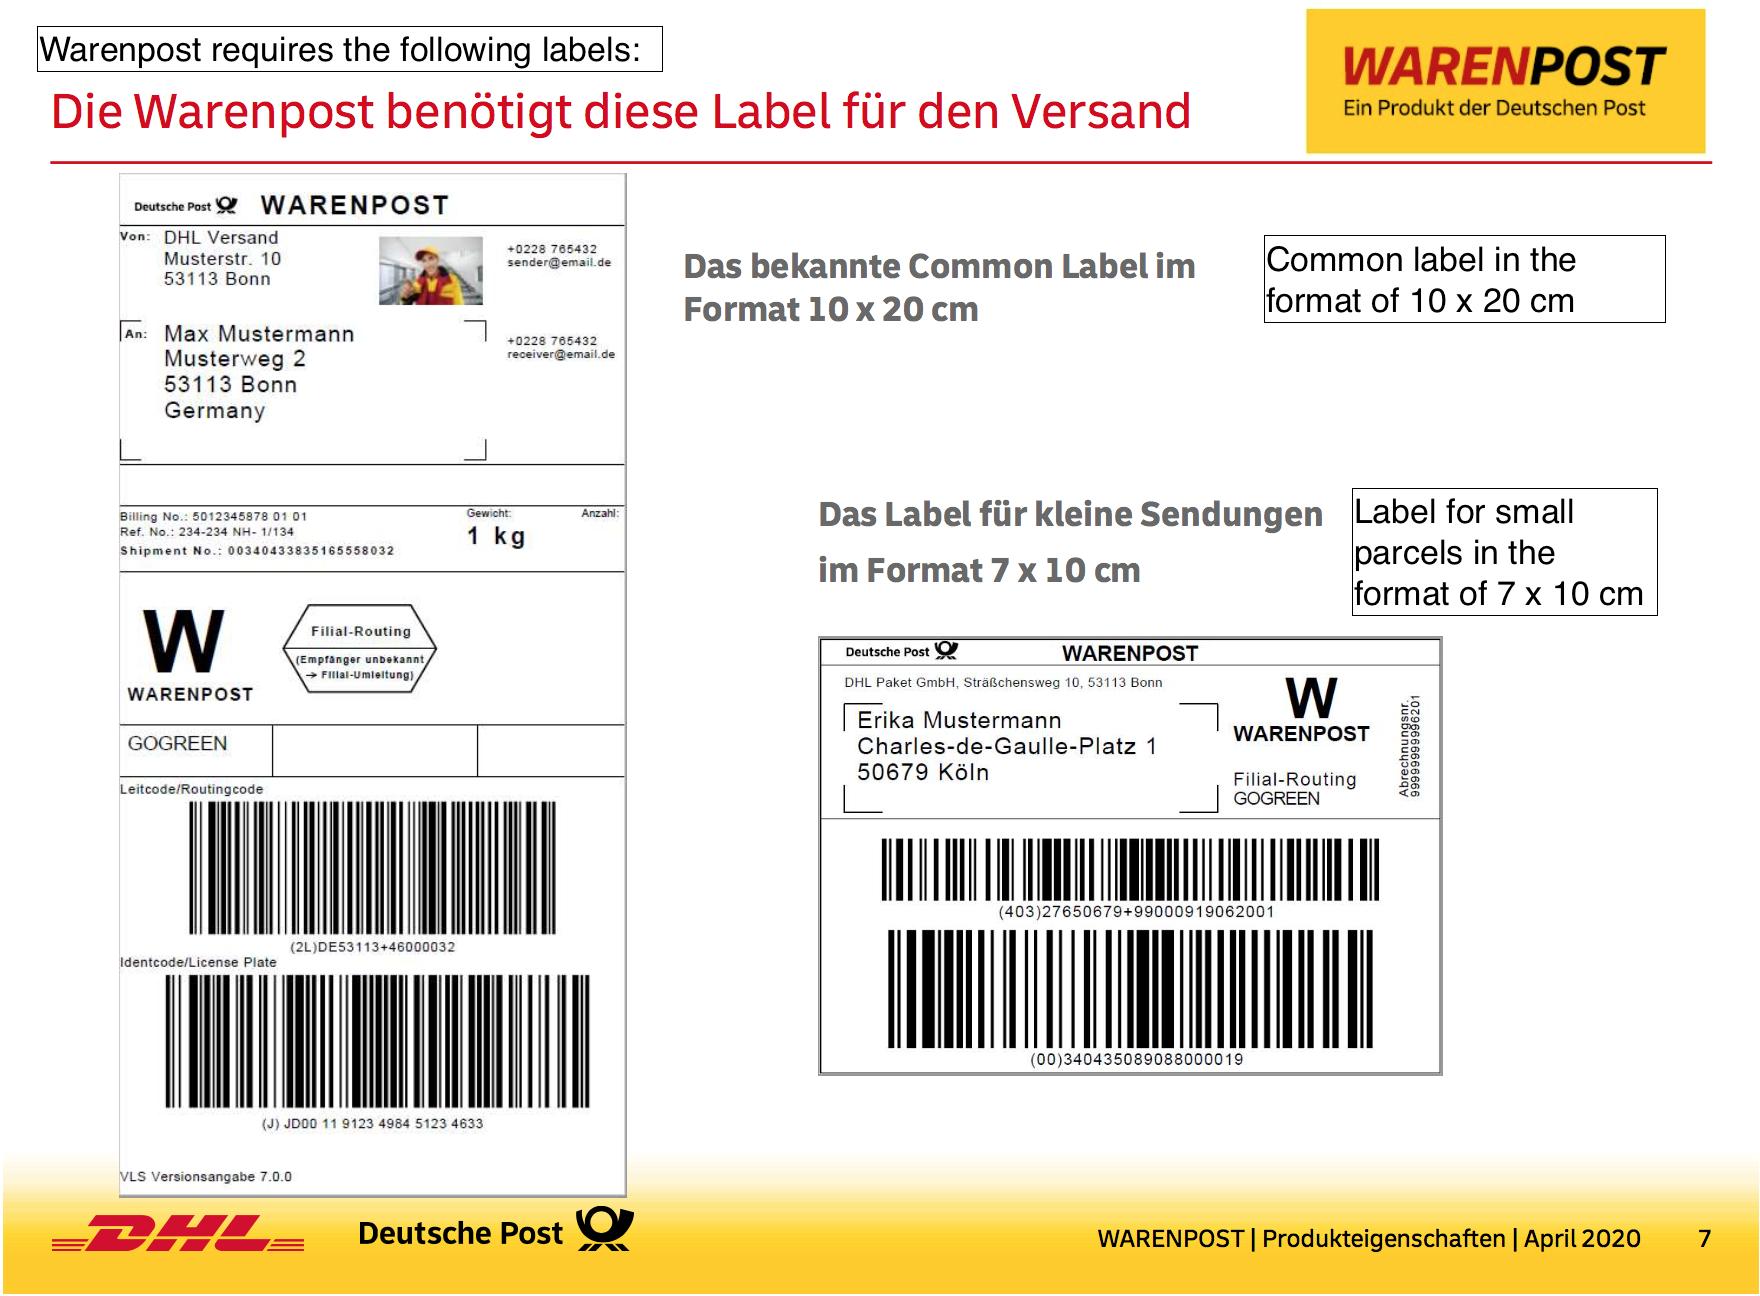 dhl shipping warenpost label size german